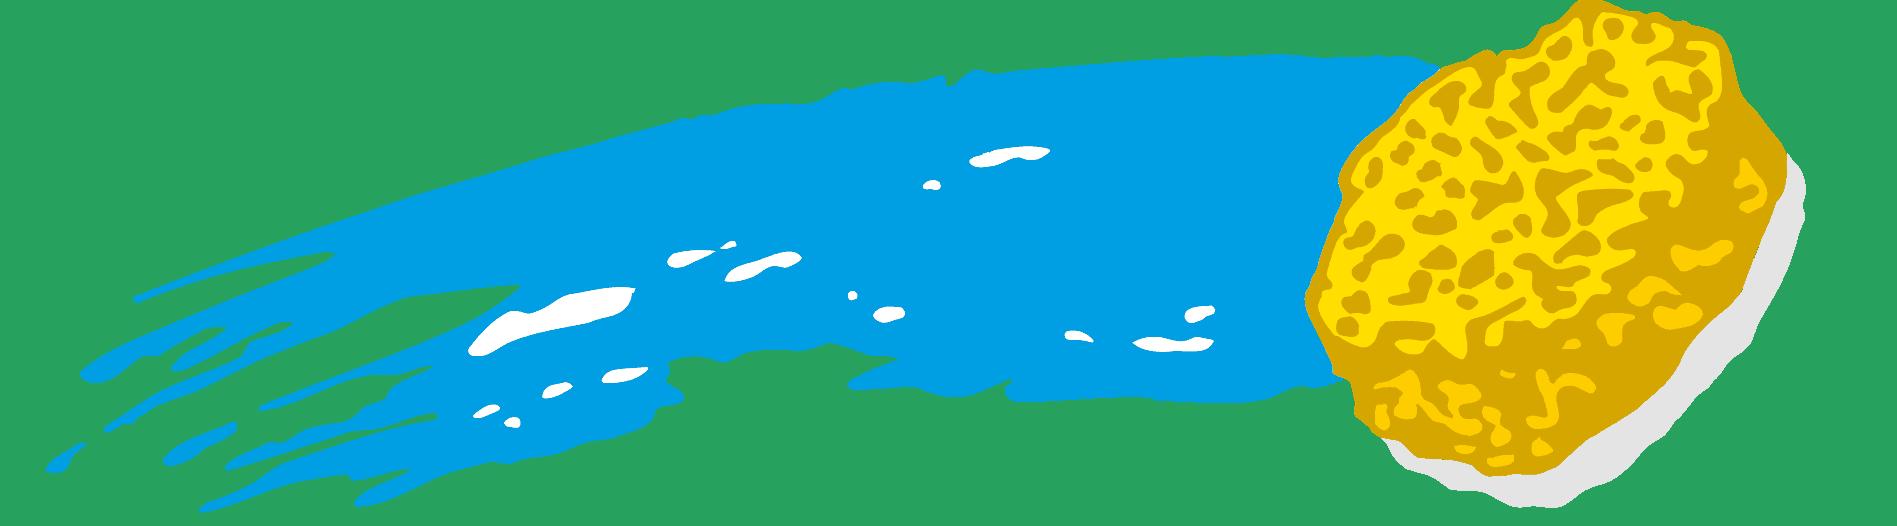 Nemegheer